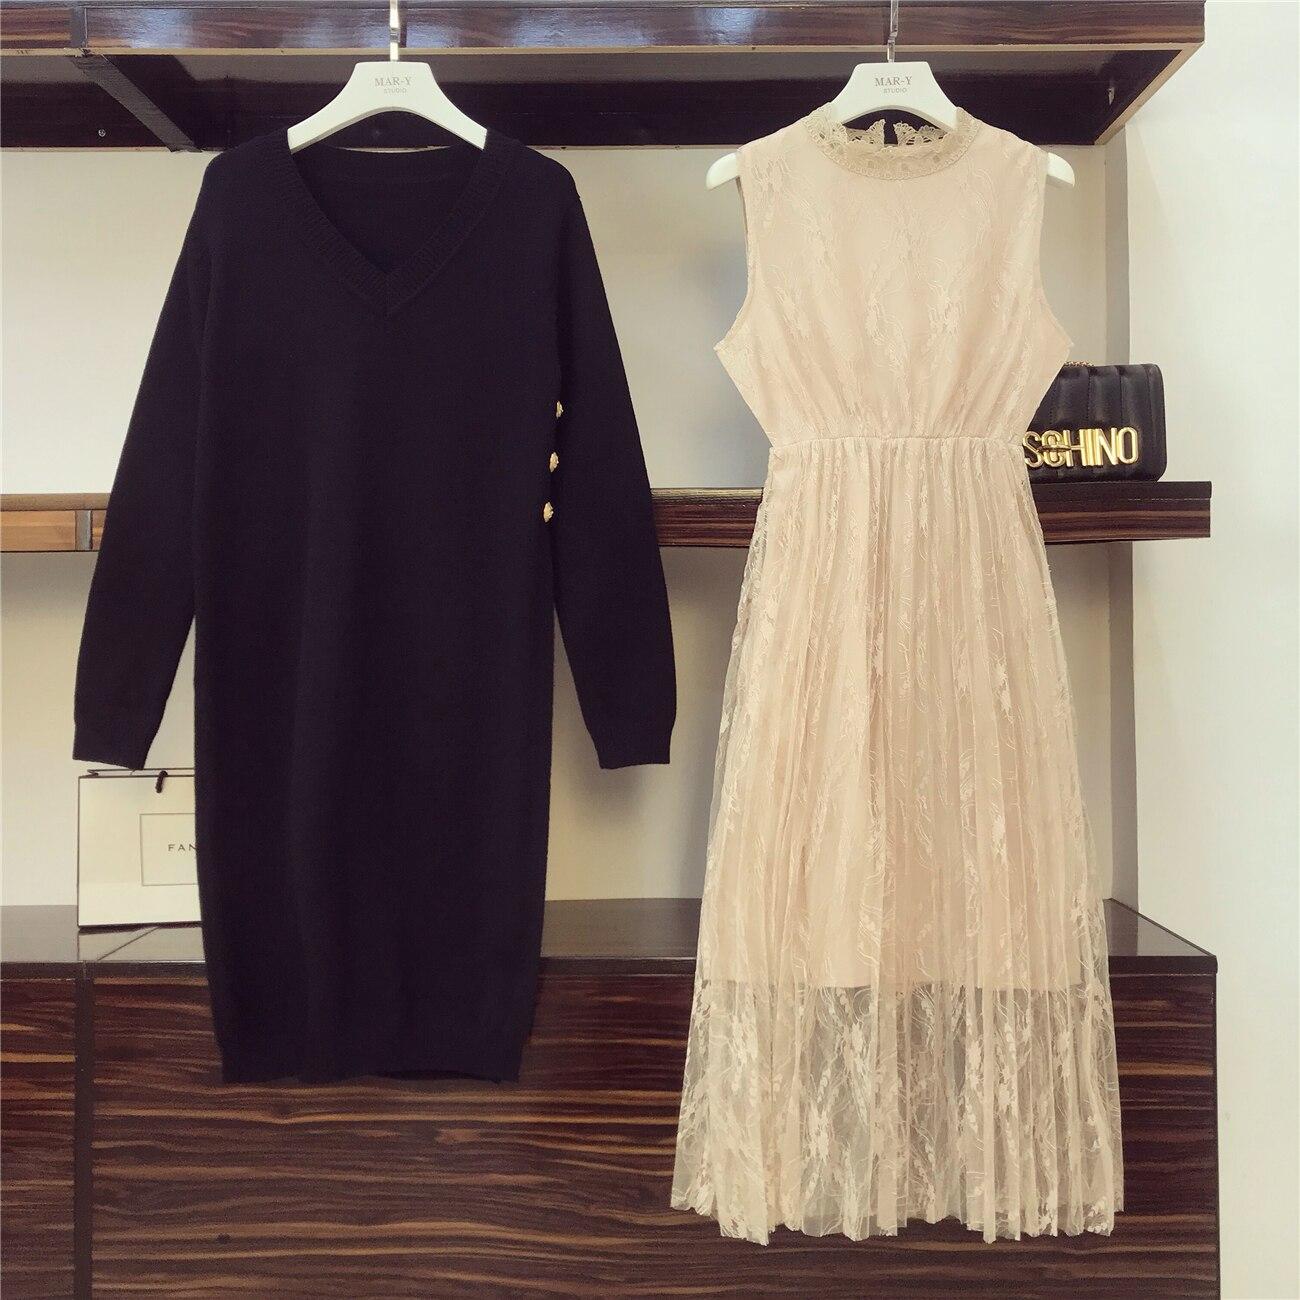 Tricot Tricoté Longues Filles Automne Robes Dames Fourchette Deux Pièces Kaki 2018 Robe Ensembles noir Dentelle Hiver Costume Manches nkX0P8NwO